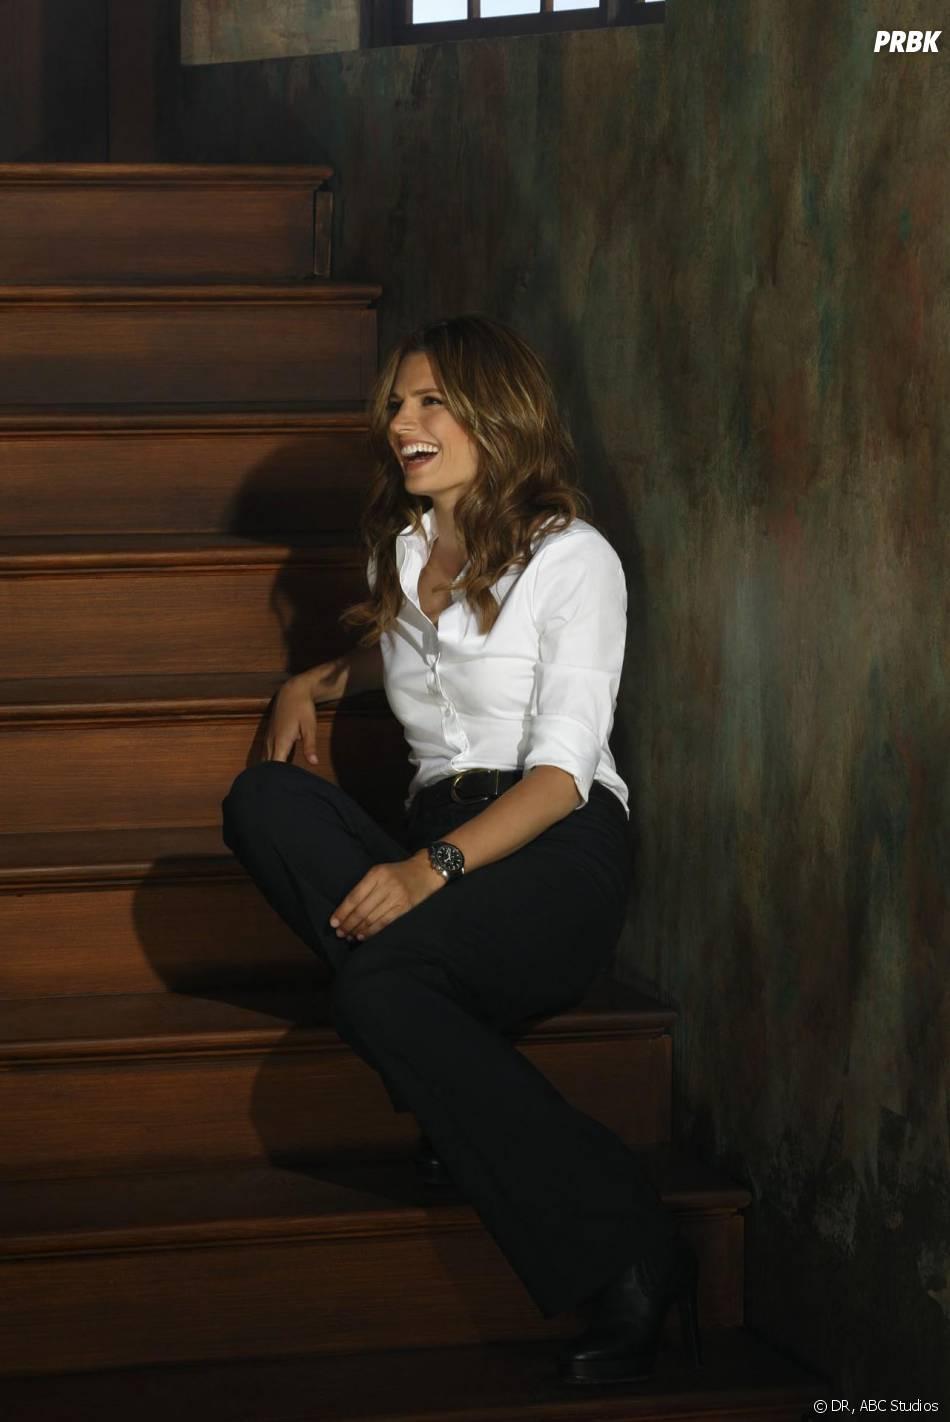 Castle saison 6 : nouvelle photo promo avec Stana Katic